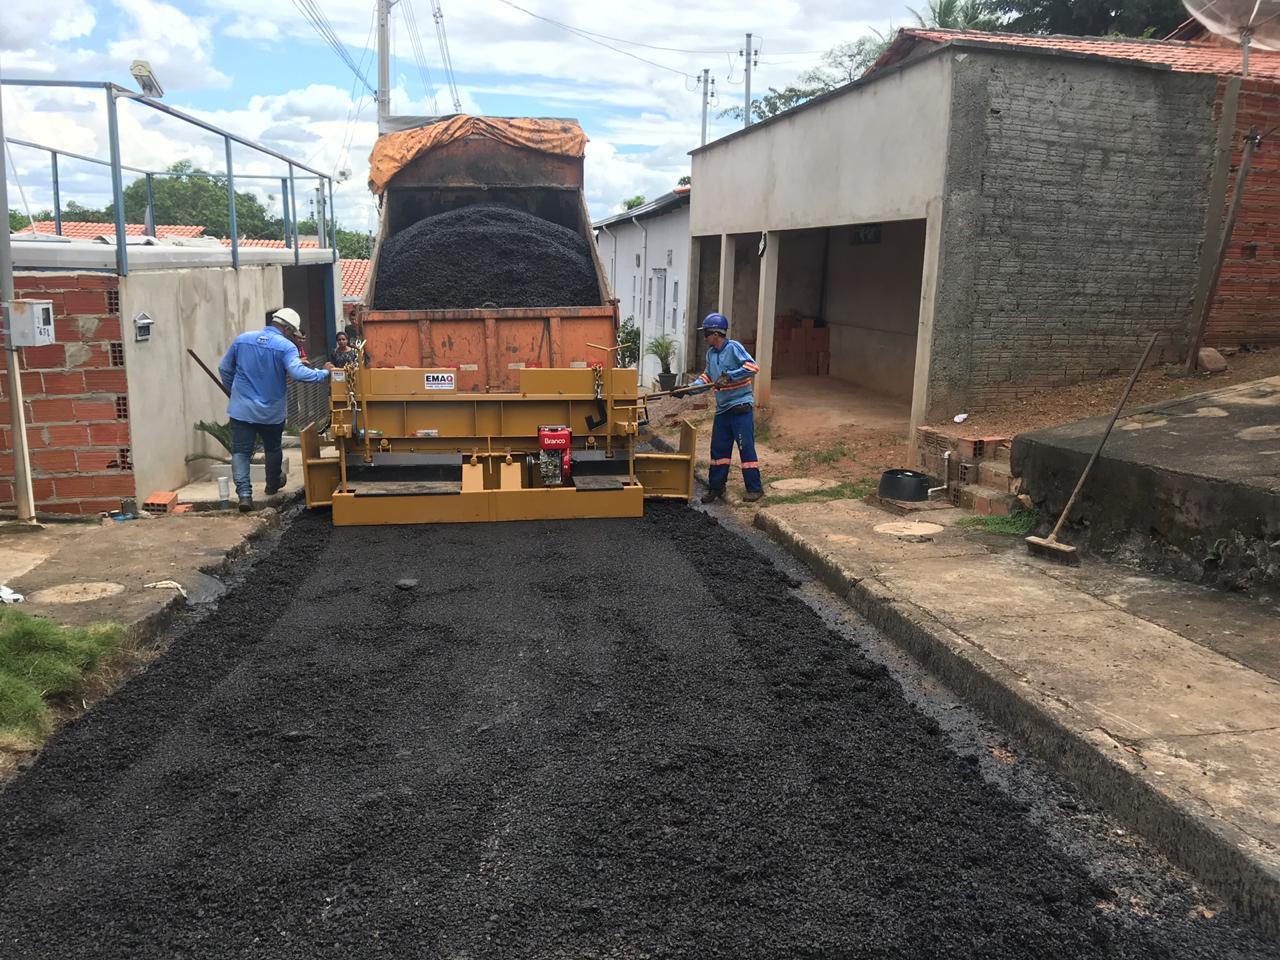 Atendendo pedido da Prefeitura de Paraíso, BRK Ambiental faz reparos na Área Verde